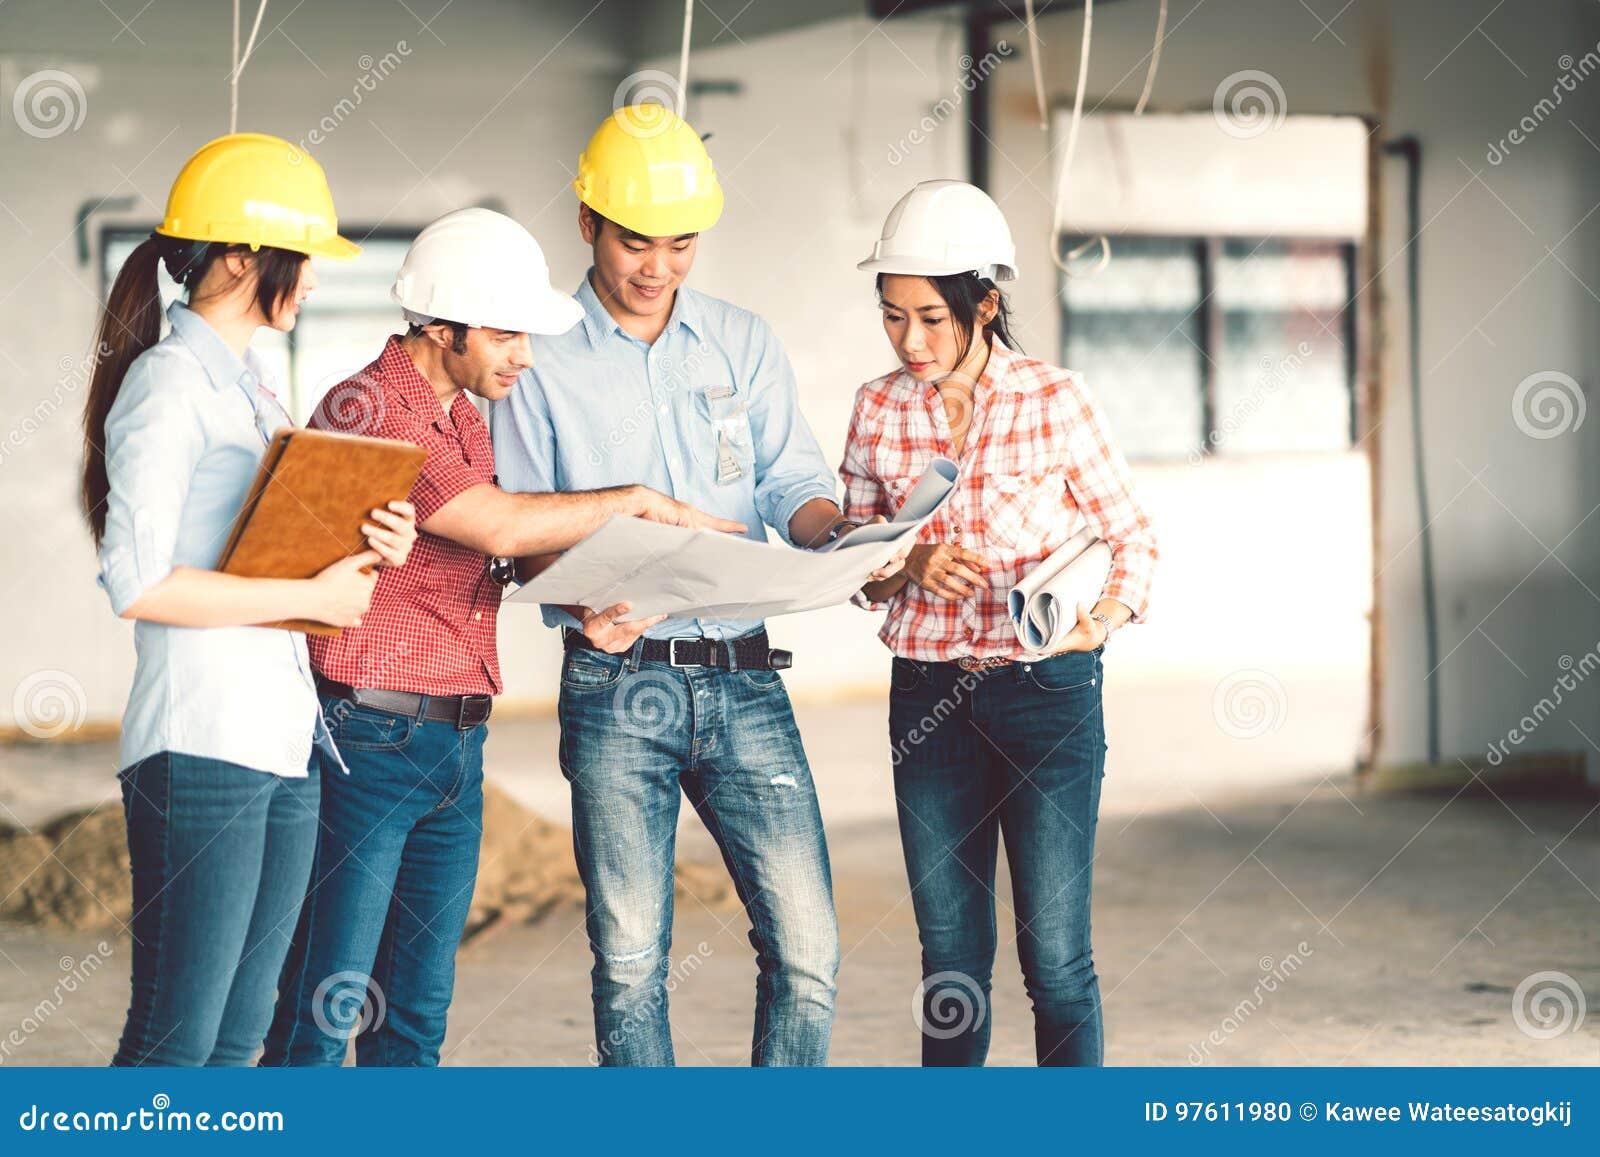 Grupo diverso multi-étnico de coordenadores ou de sócios comerciais no canteiro de obras, trabalhando junto no modelo do ` s da c